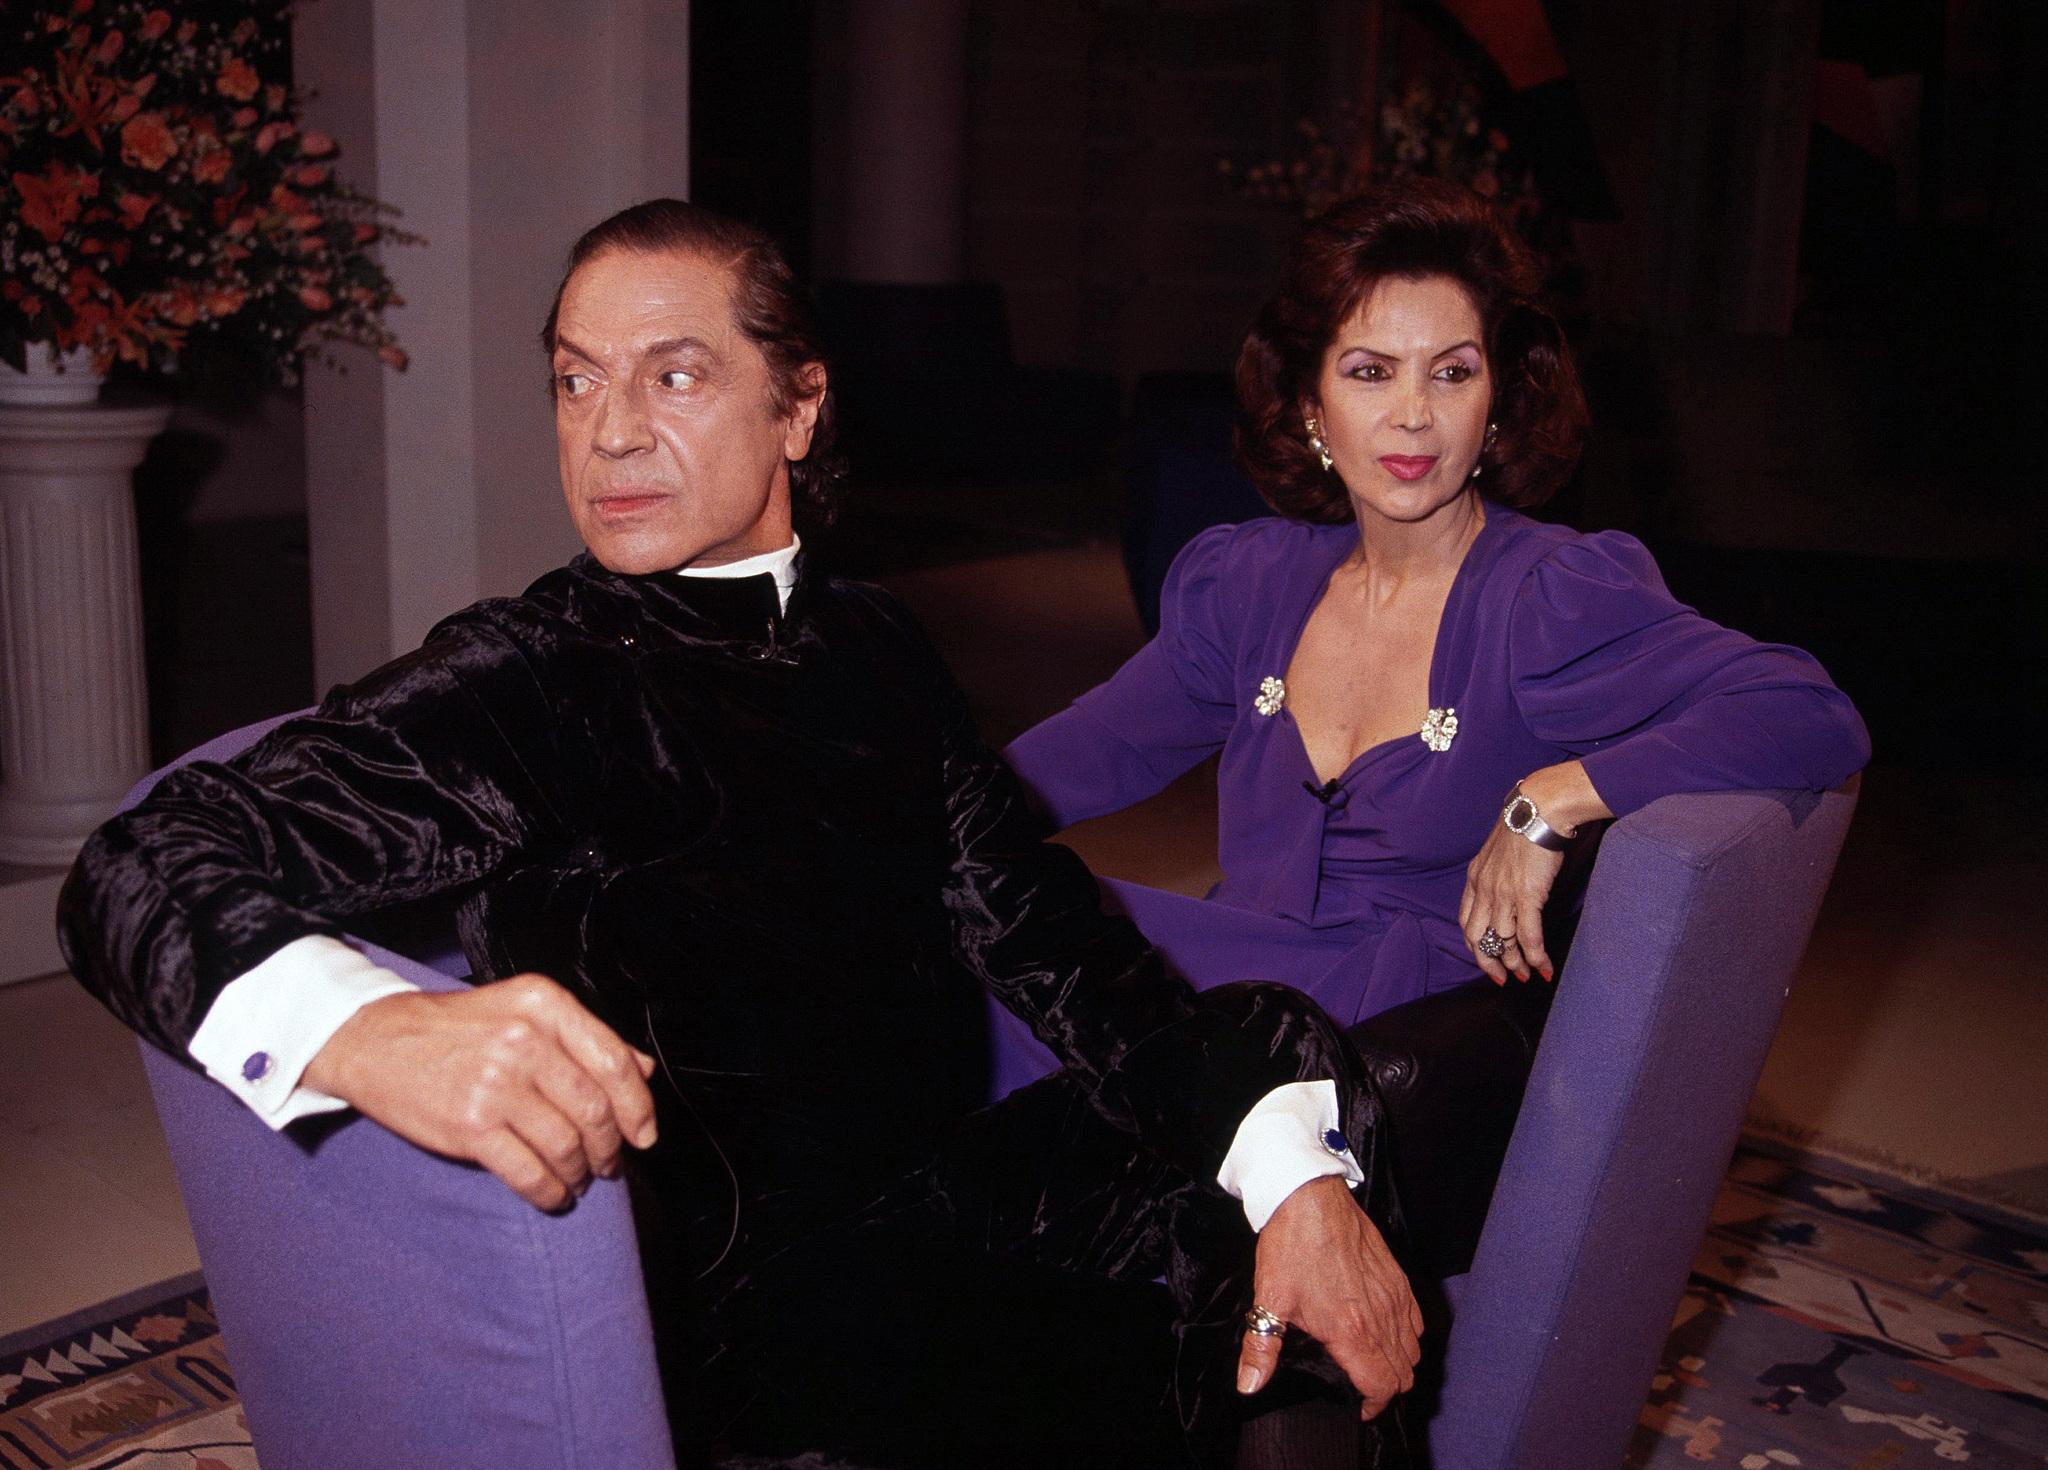 Antonio junto a su amiga, la bailarina María Rosa.